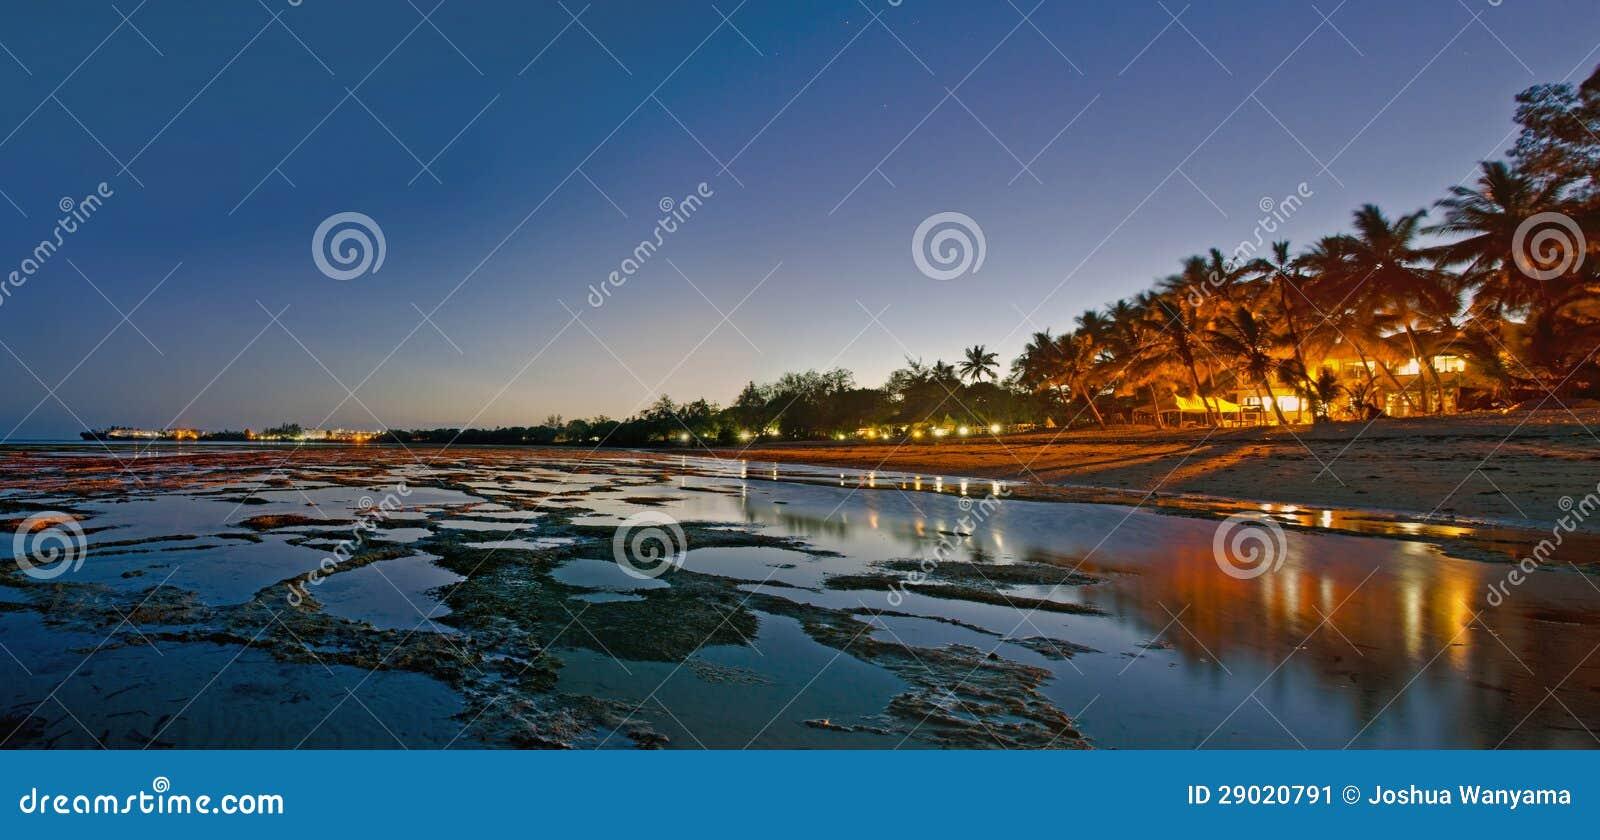 海滩晚上场面